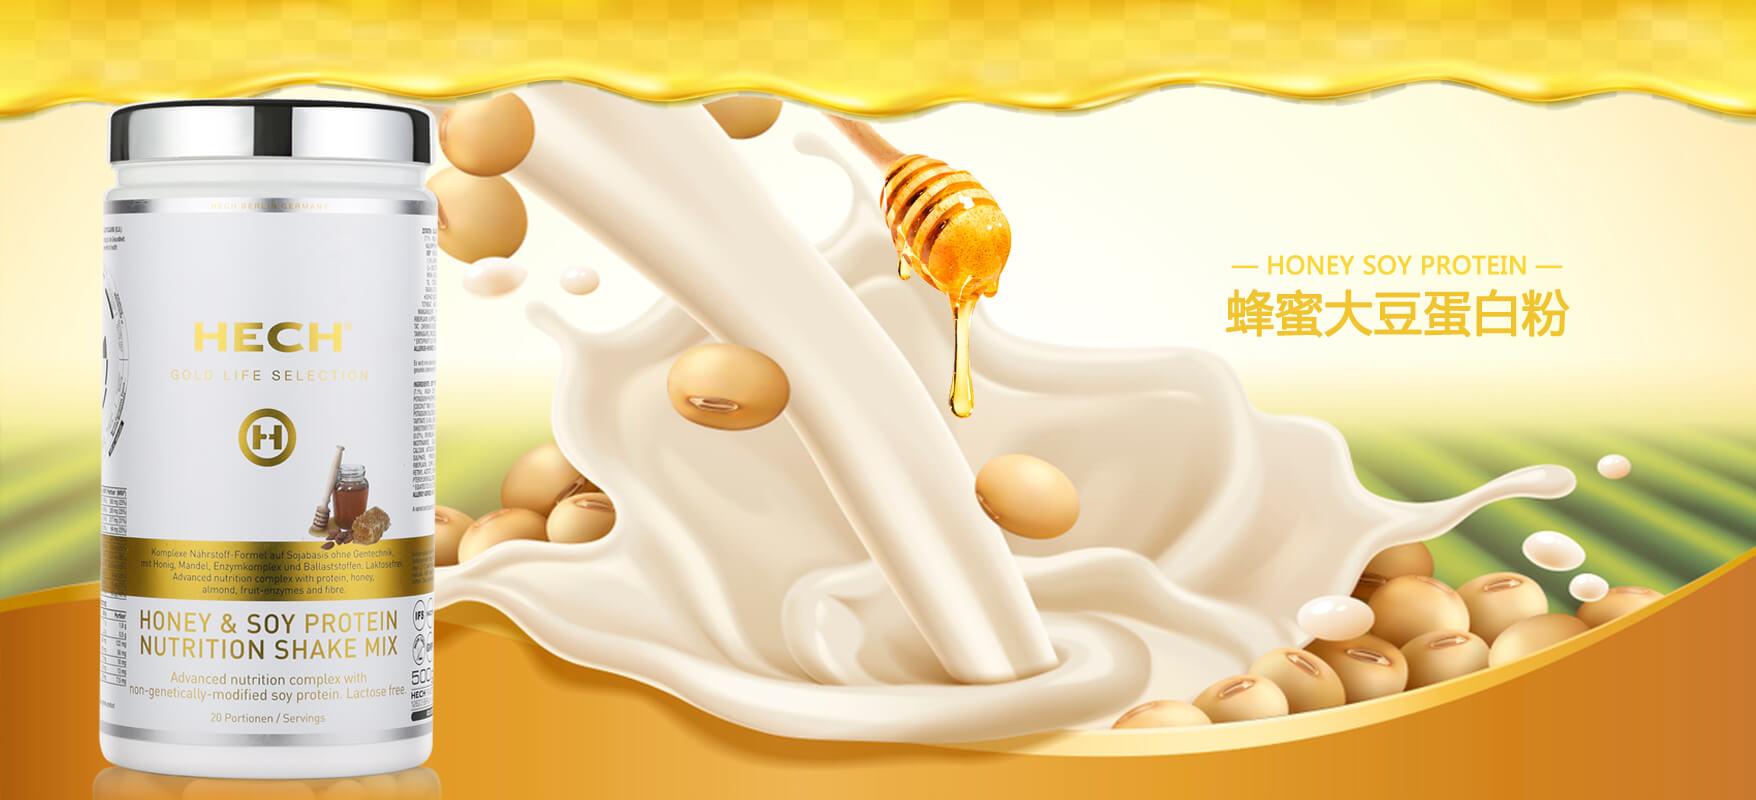 蜂蜜大豆蛋白粉 海报